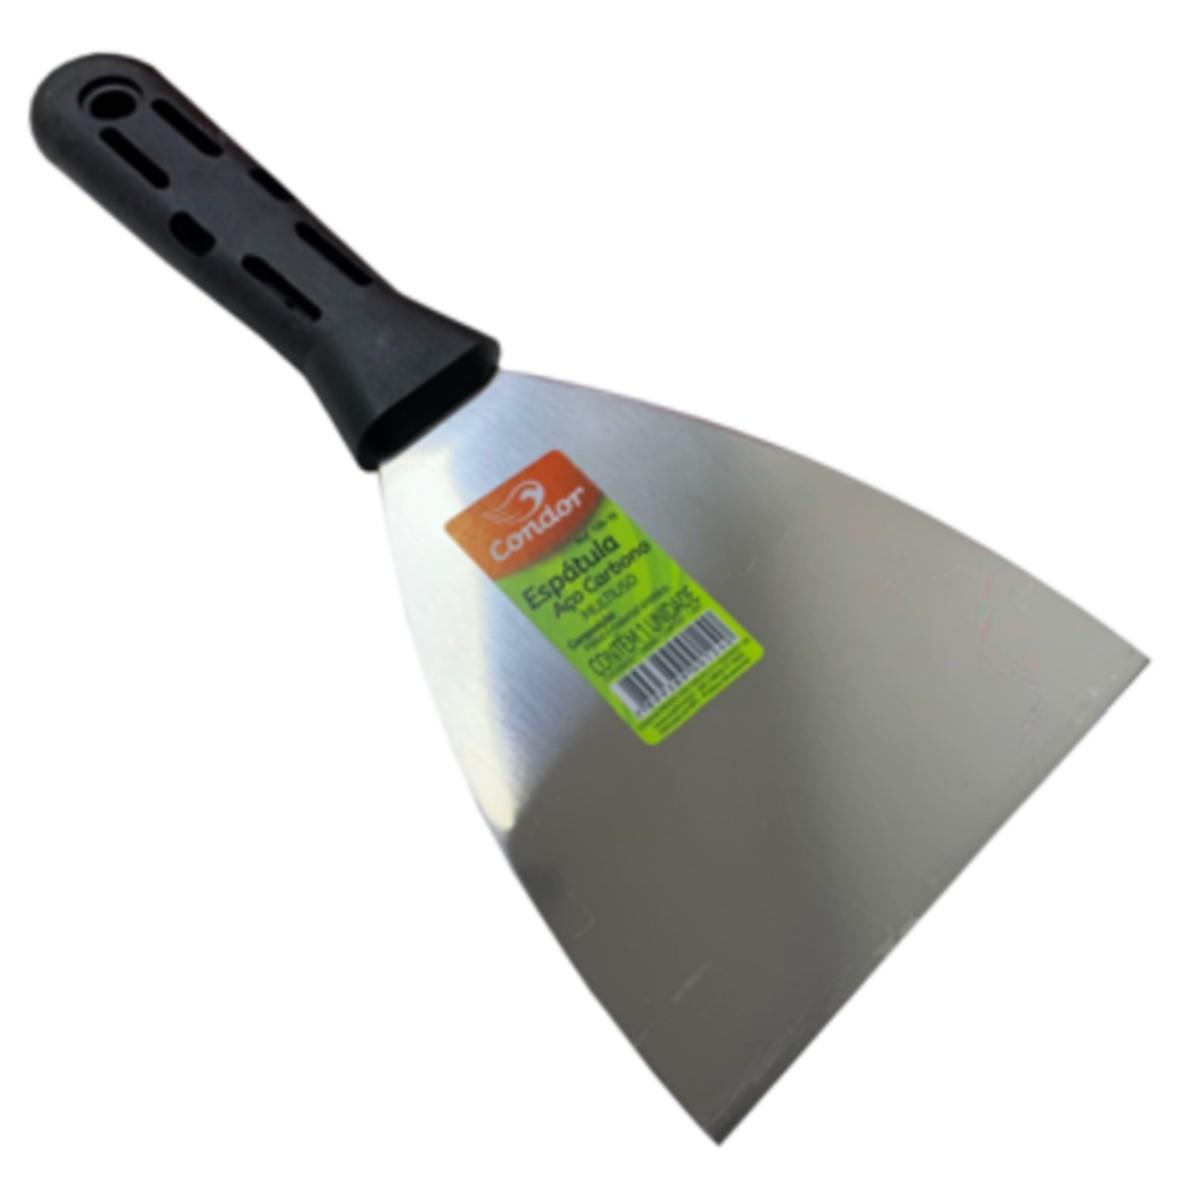 Kit 3 Espatulas Aço Carbono Plastico 08cm, 10cm e 12cm